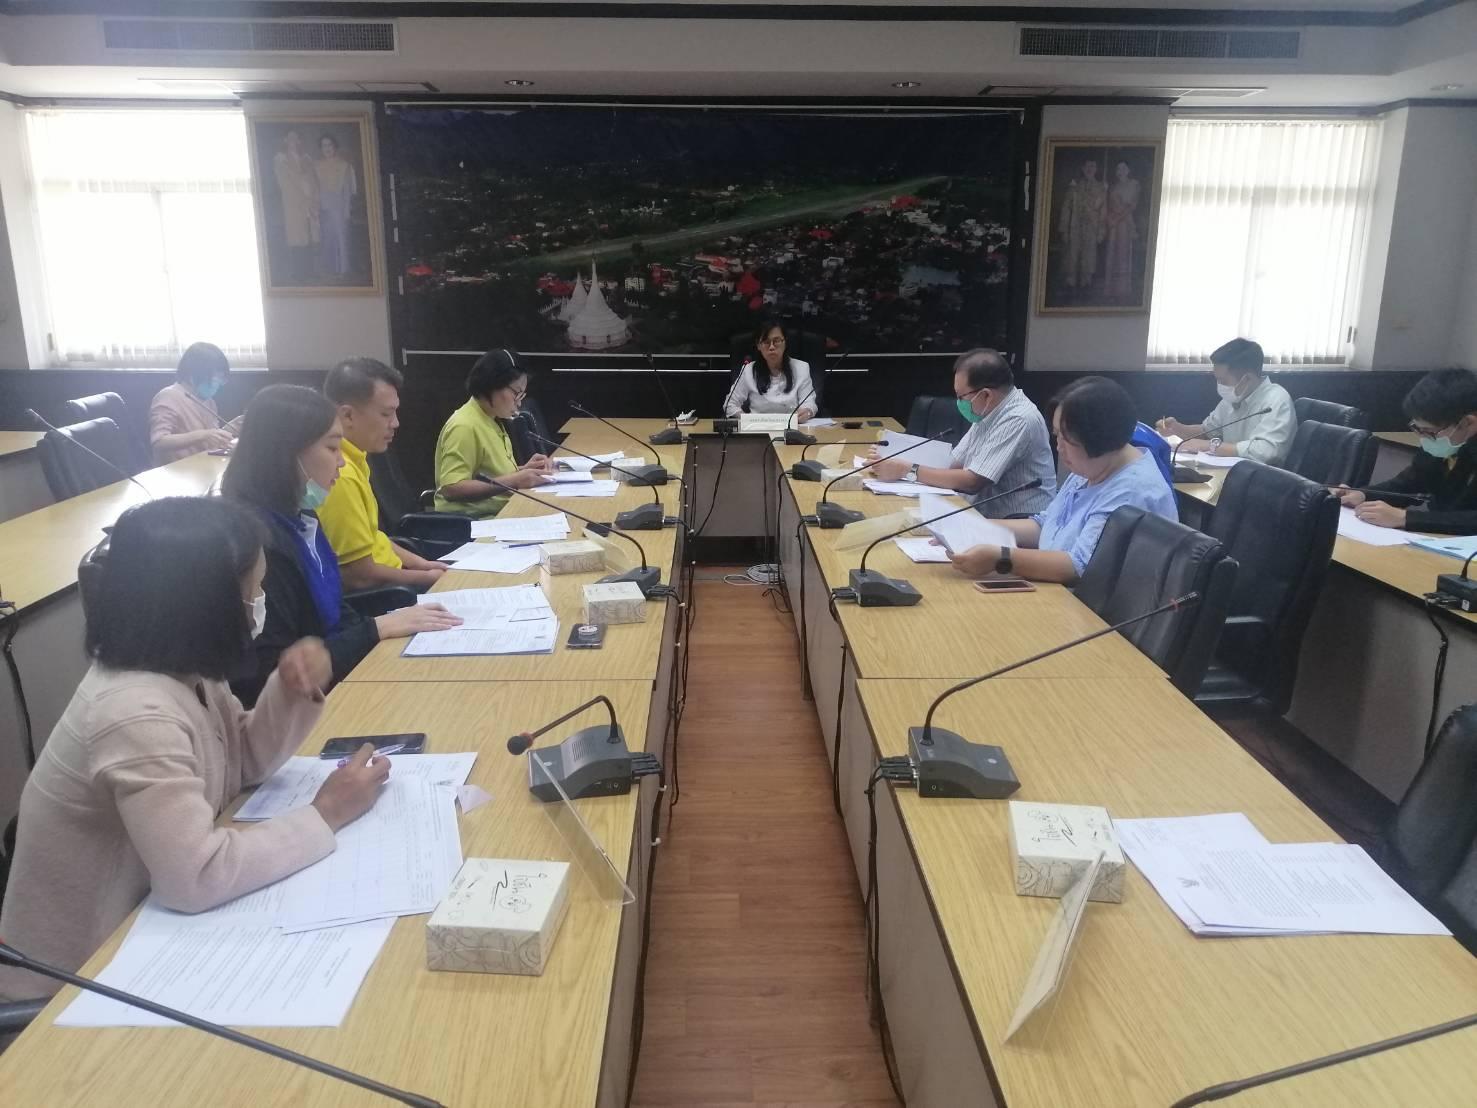 ประชุมคณะทำงานจัดทำแผนปฏิบัติการด้านแรงงานระดับจังหวัด (พ.ศ.2563 -2565)